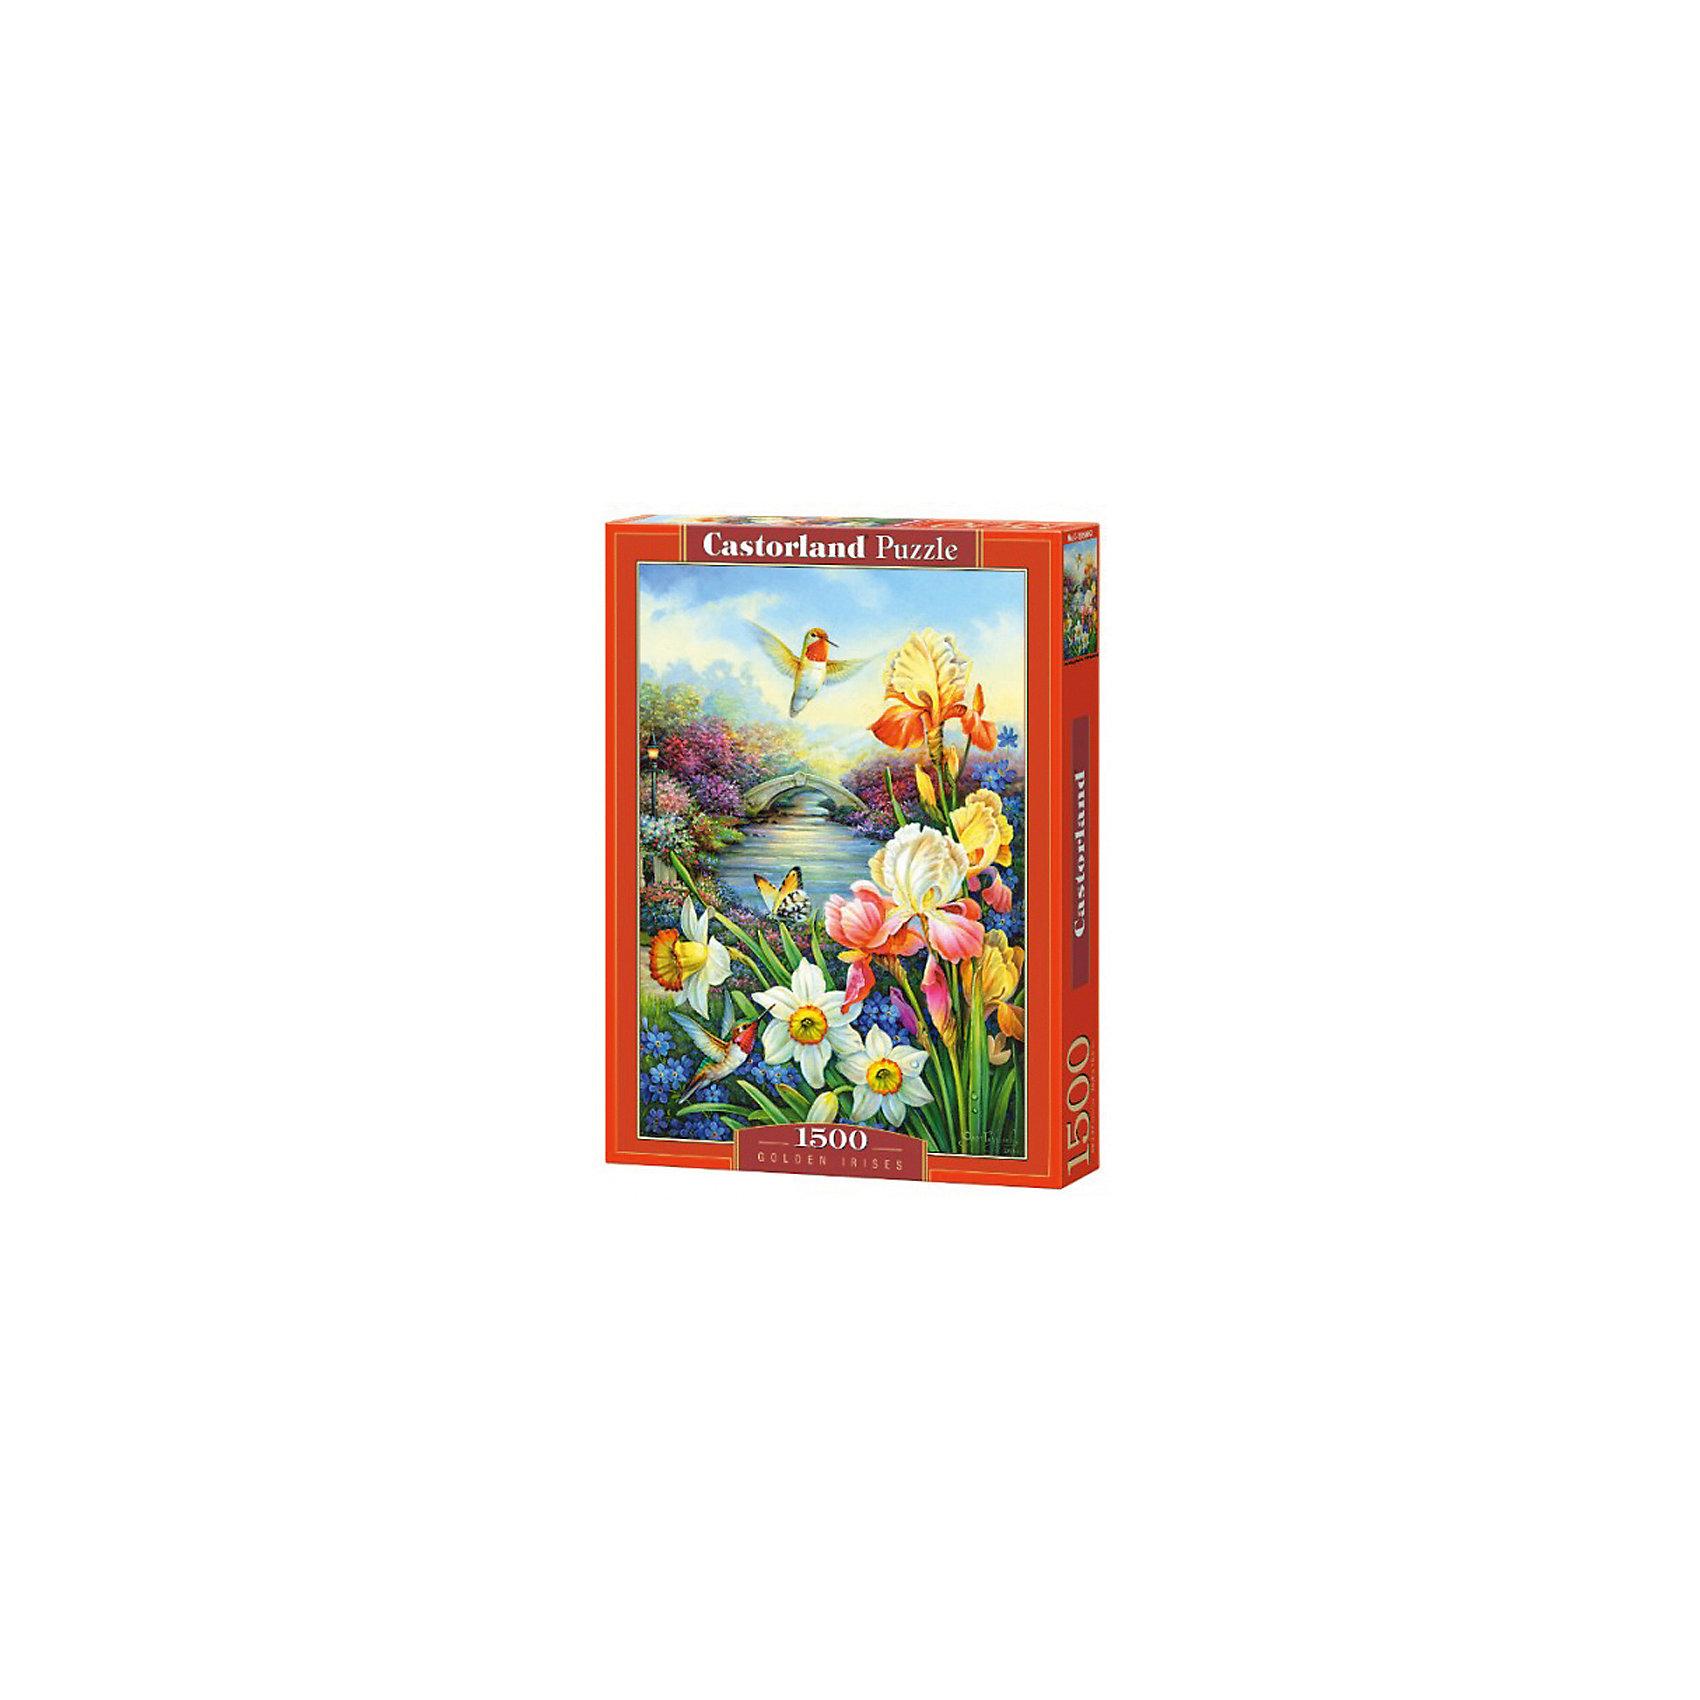 Пазл Castorland Золотые ирисы, 1500 деталейПазлы для детей постарше<br>Характеристики:<br><br>• возраст: от 9 лет<br>• автор: Олег Гаврилов<br>• количество деталей: 1500 шт.<br>• размер собранного пазла: 47х68 см.<br>• материал: картон<br>• упаковка: картонная коробка<br>• размер упаковки: 25x5x35 см.<br>• вес: 600 гр.<br>• страна обладатель бренда: Польша<br><br>Пазл «Золотые ирисы» от Castorland (Касторленд) отличается высоким качеством, высоким уровнем полиграфии, насыщенными цветами и идеальной стыковкой элементов. Из 1500 элементов пазла складывается красивая картина с изображением нежных ирисов и очаровательных нарциссов на фоне голубого неба и реки, берега которой заросли пышными цветами.<br><br>Пазл Золотые ирисы, 1500 деталей, Castorland (Касторленд) можно купить в нашем интернет-магазине.<br><br>Ширина мм: 350<br>Глубина мм: 250<br>Высота мм: 50<br>Вес г: 600<br>Возраст от месяцев: 108<br>Возраст до месяцев: 2147483647<br>Пол: Унисекс<br>Возраст: Детский<br>SKU: 6725078